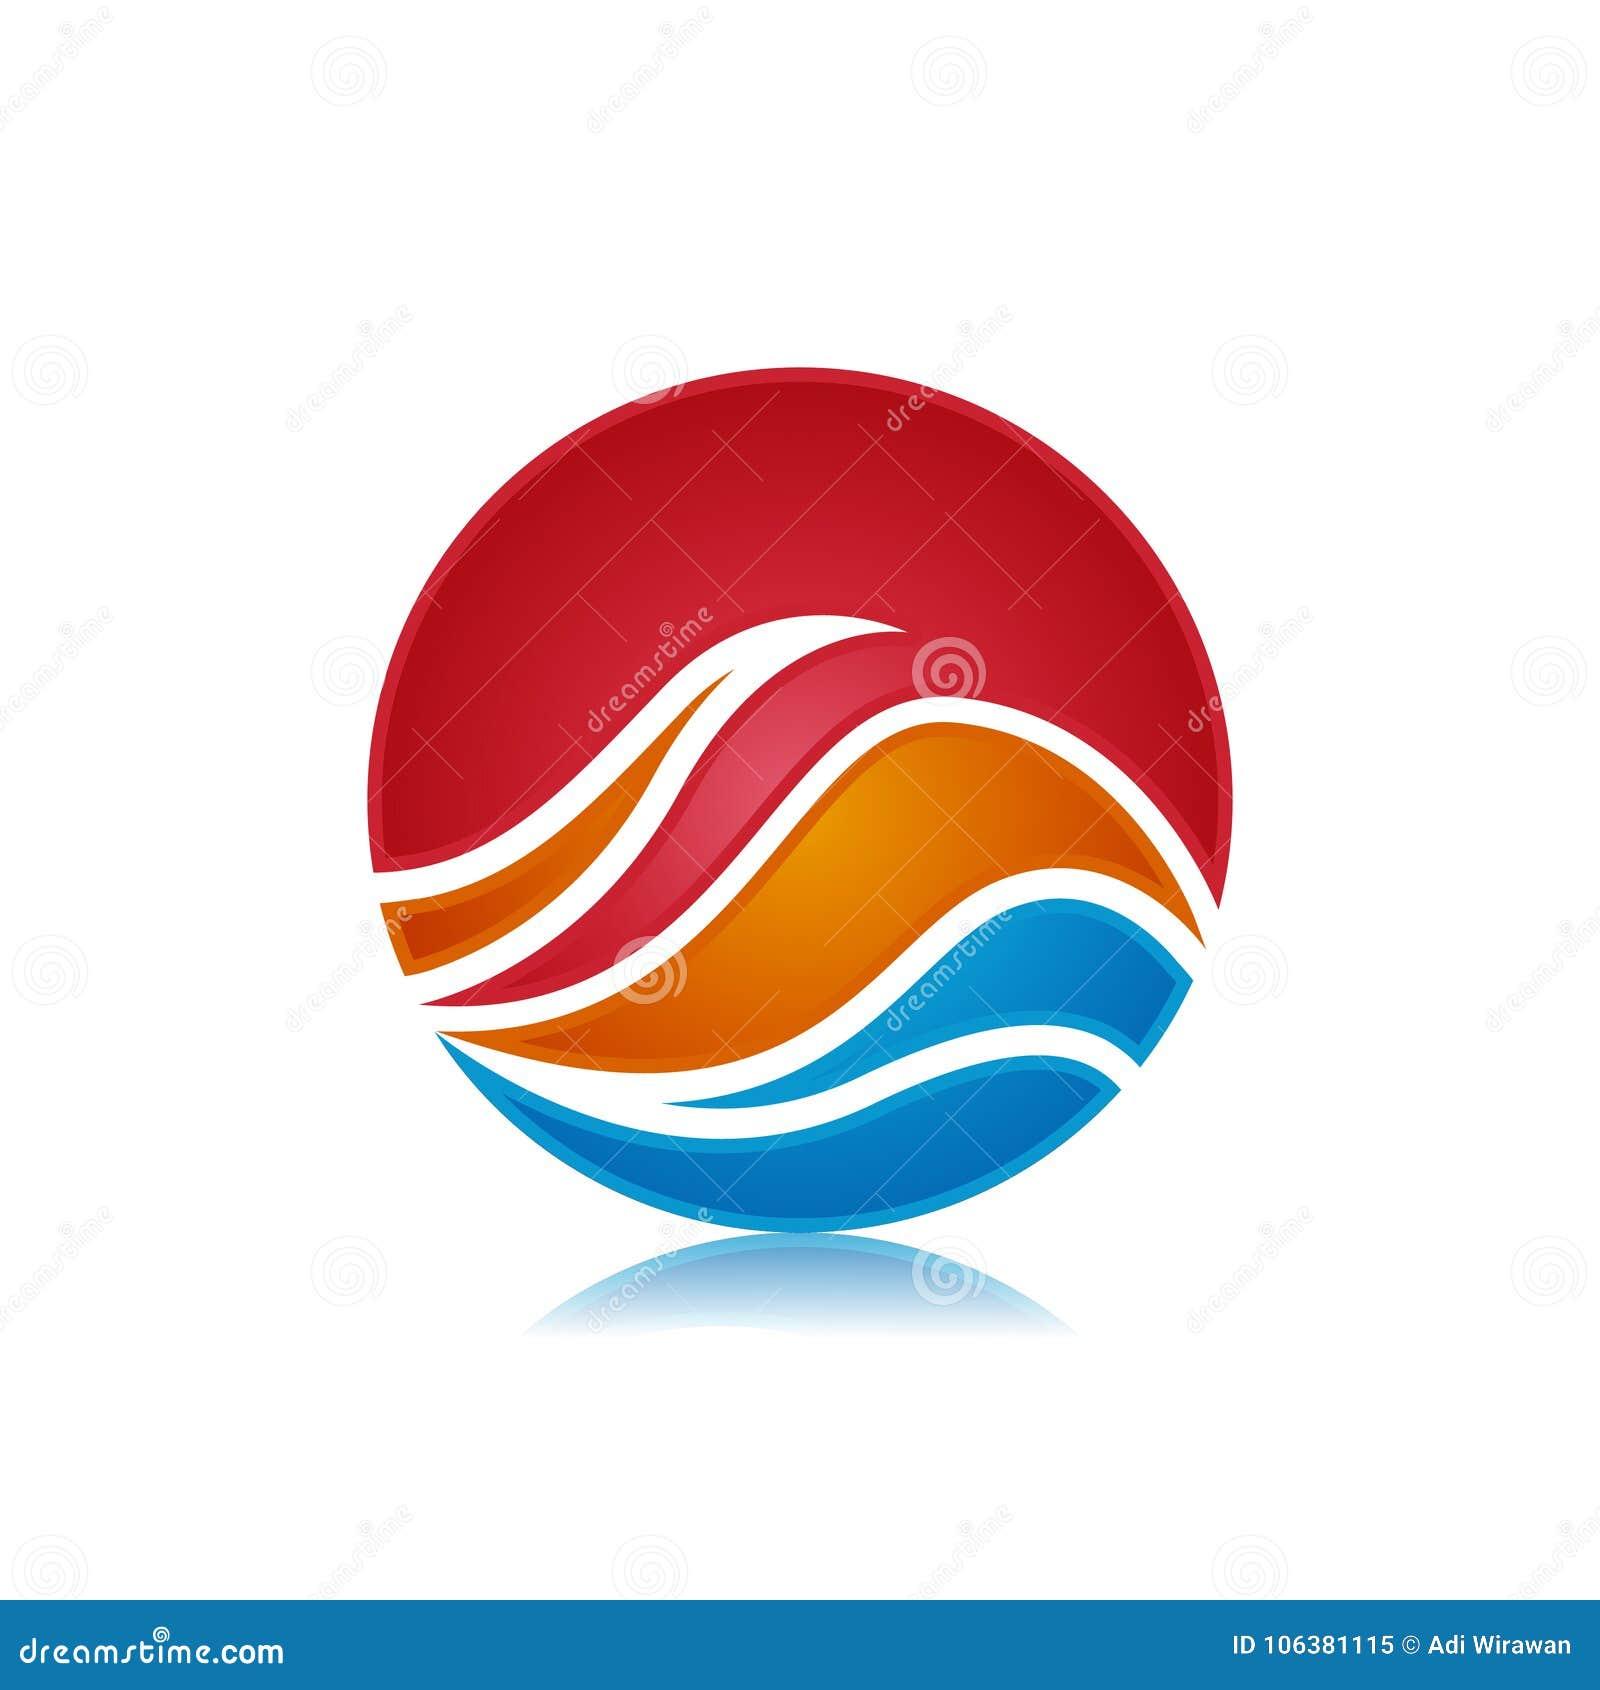 保存下载预览企业抽象符号-商标概念例证 抽象徽标 垂直的形状标志